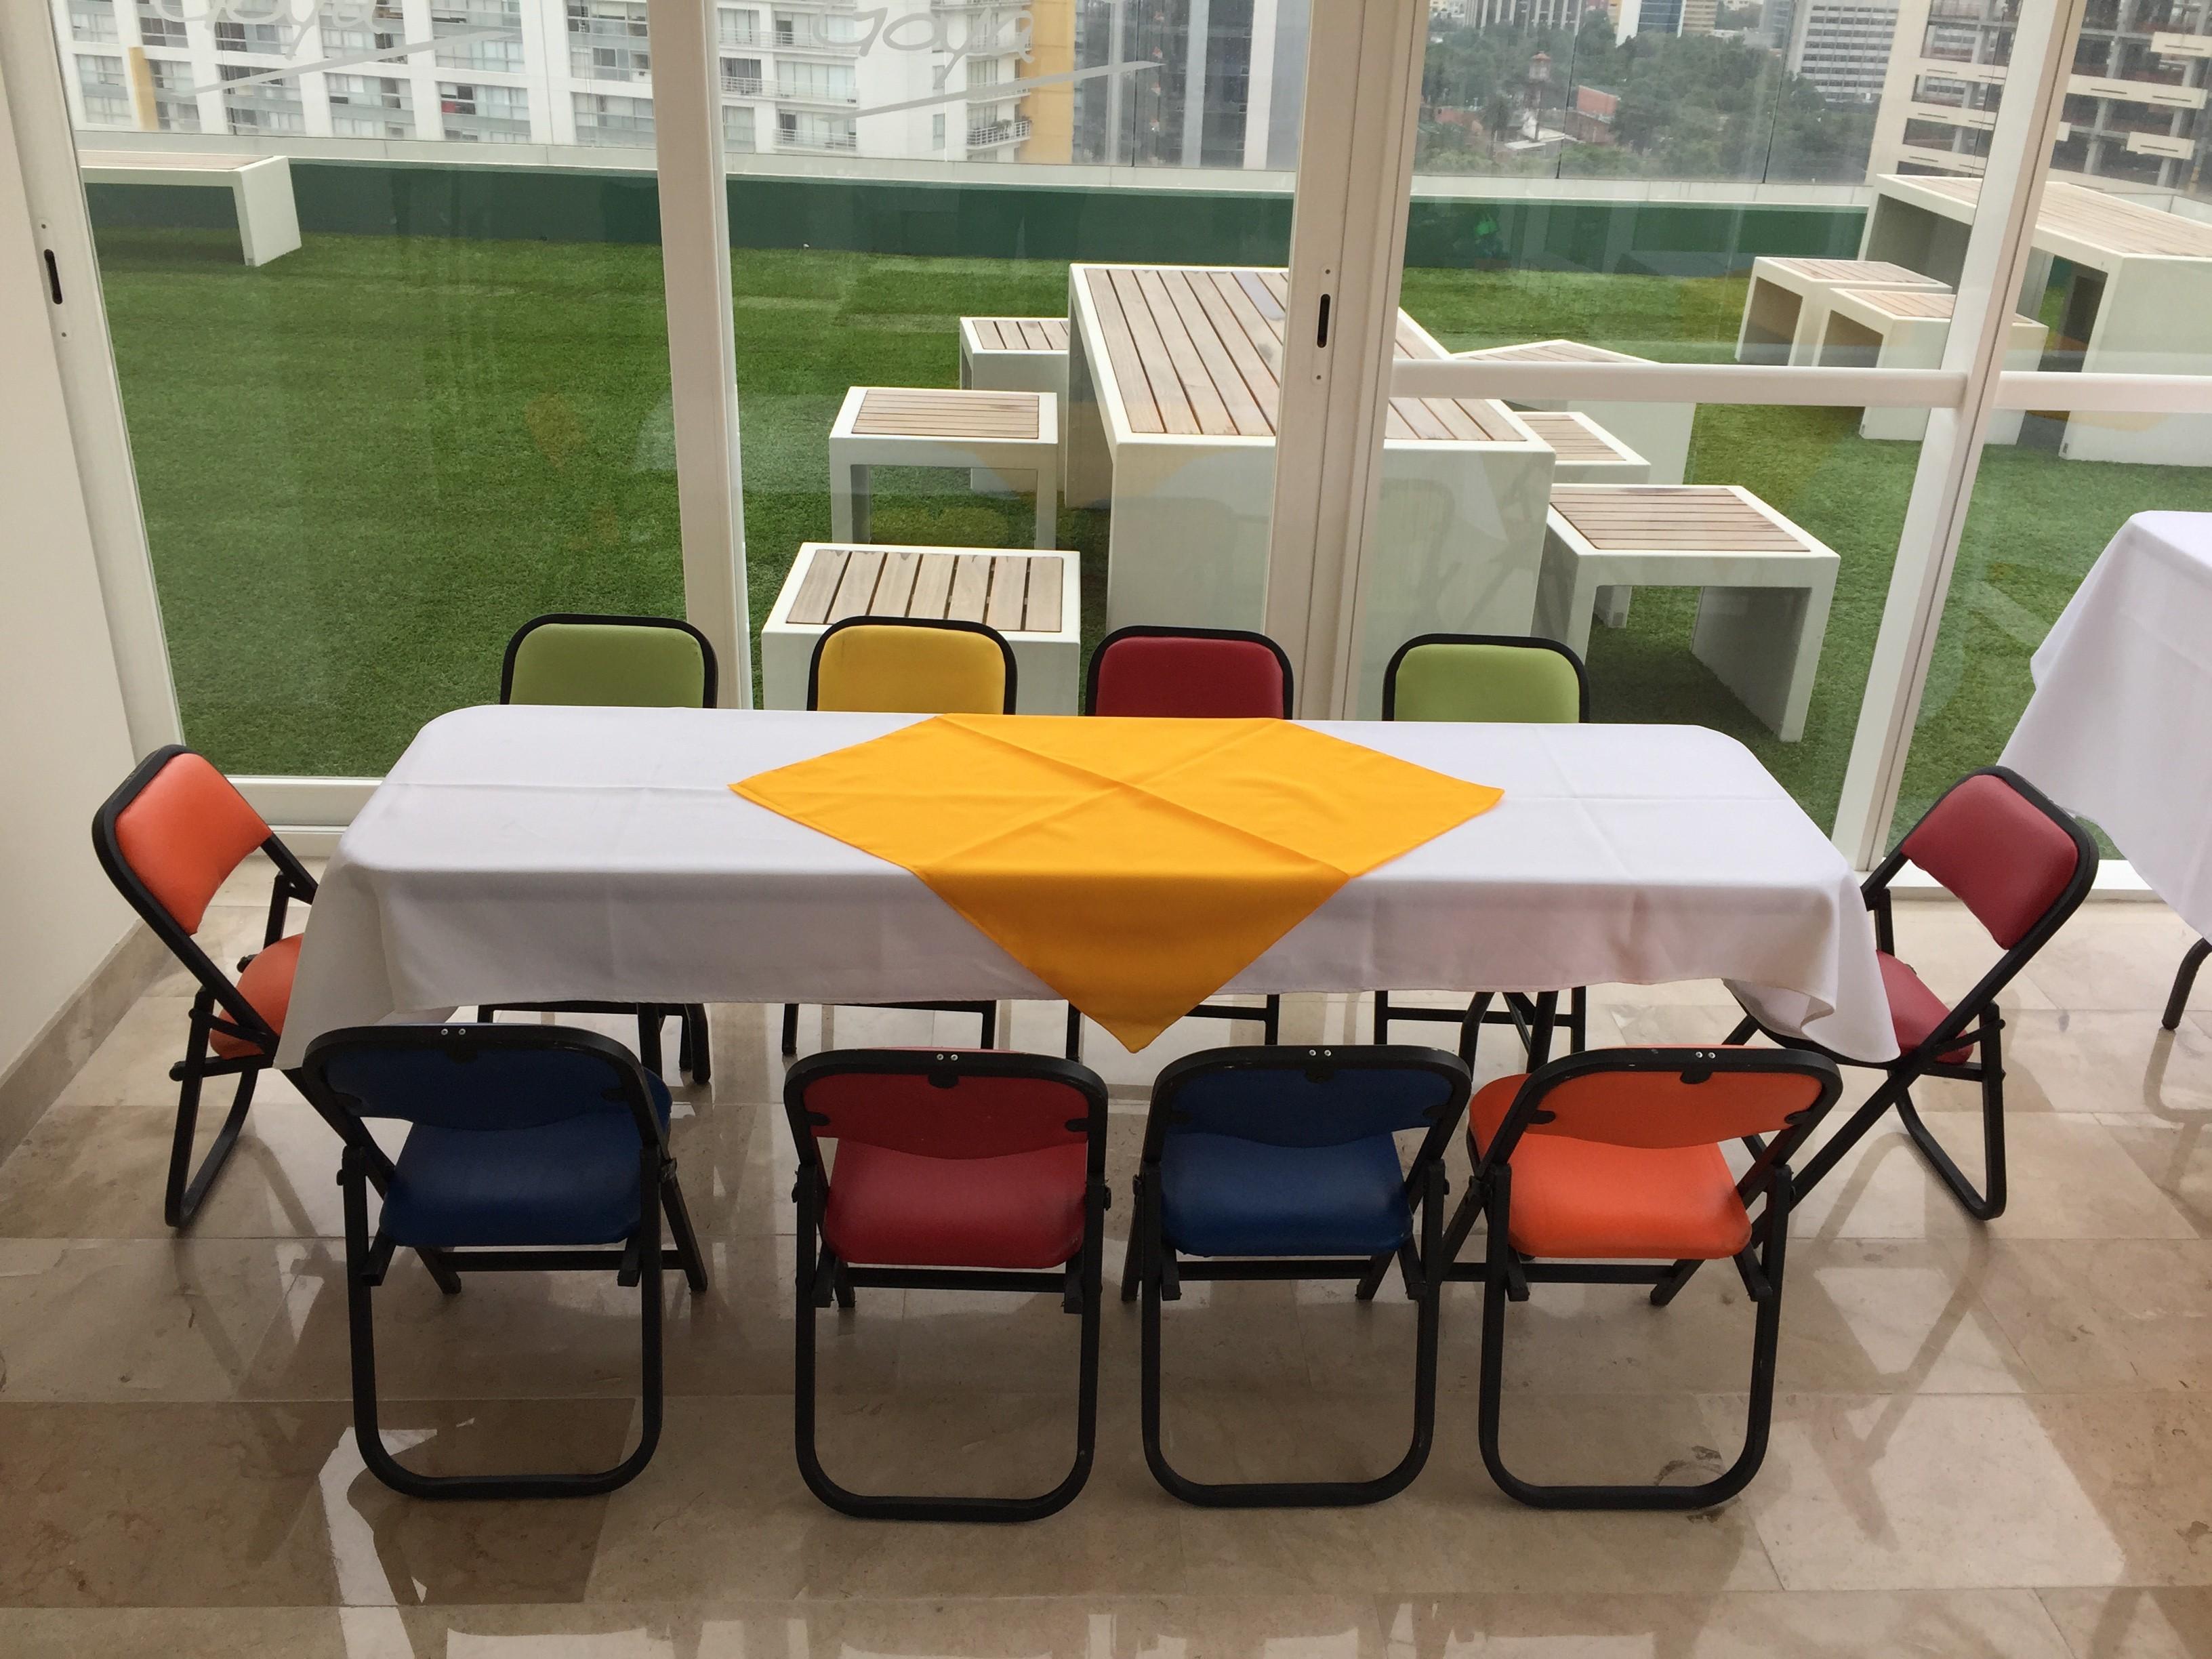 Renta de mobiliario infantil renta de mesas para ni os - Mesita con sillas infantiles ...